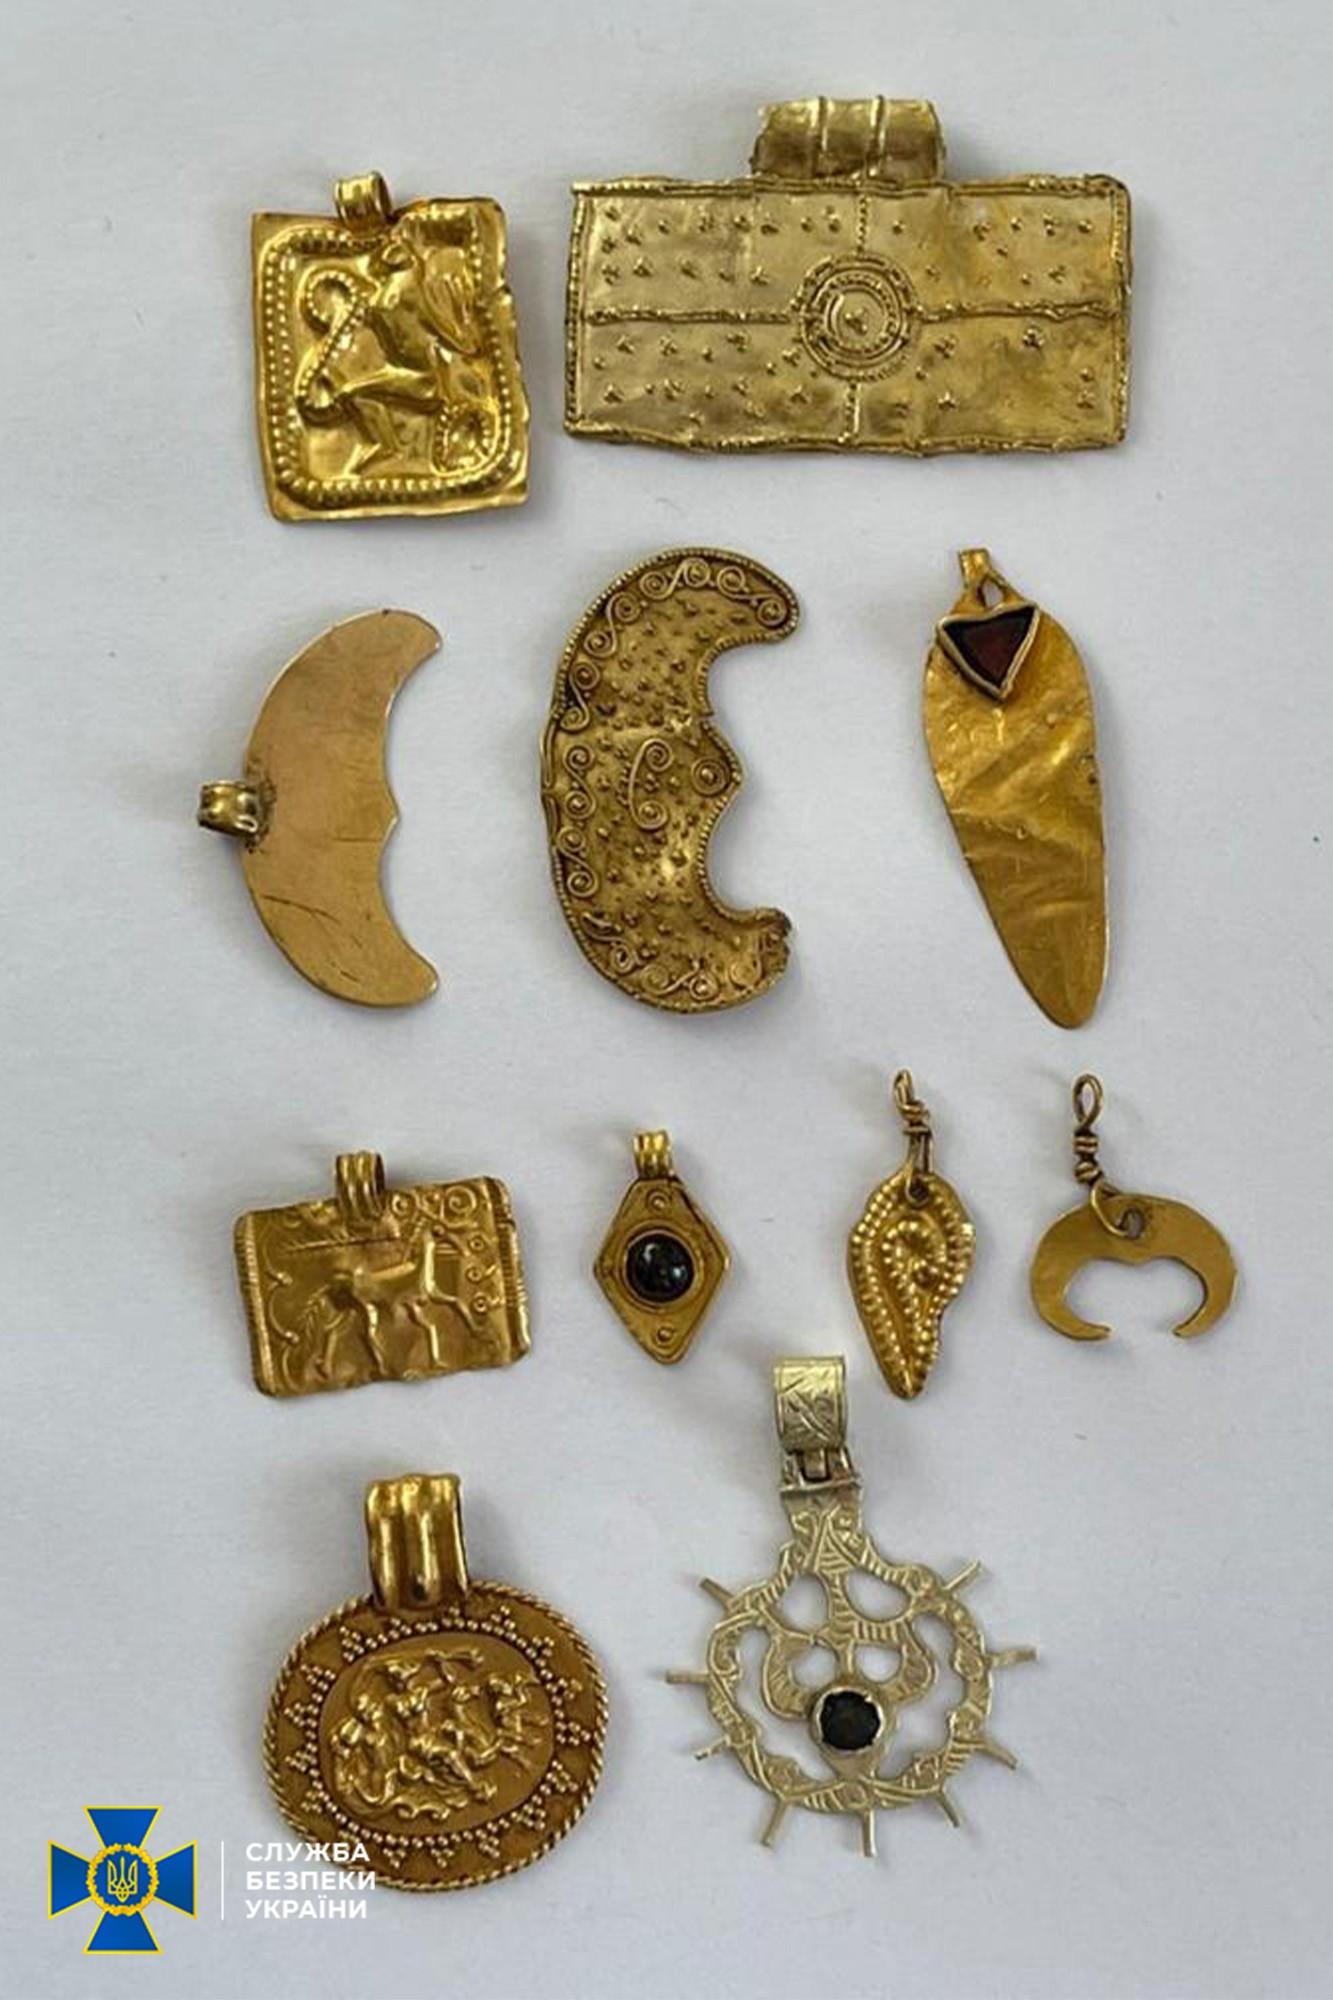 На замовлення клієнтів з Європи: з України намагалися вивезти скіфське золото